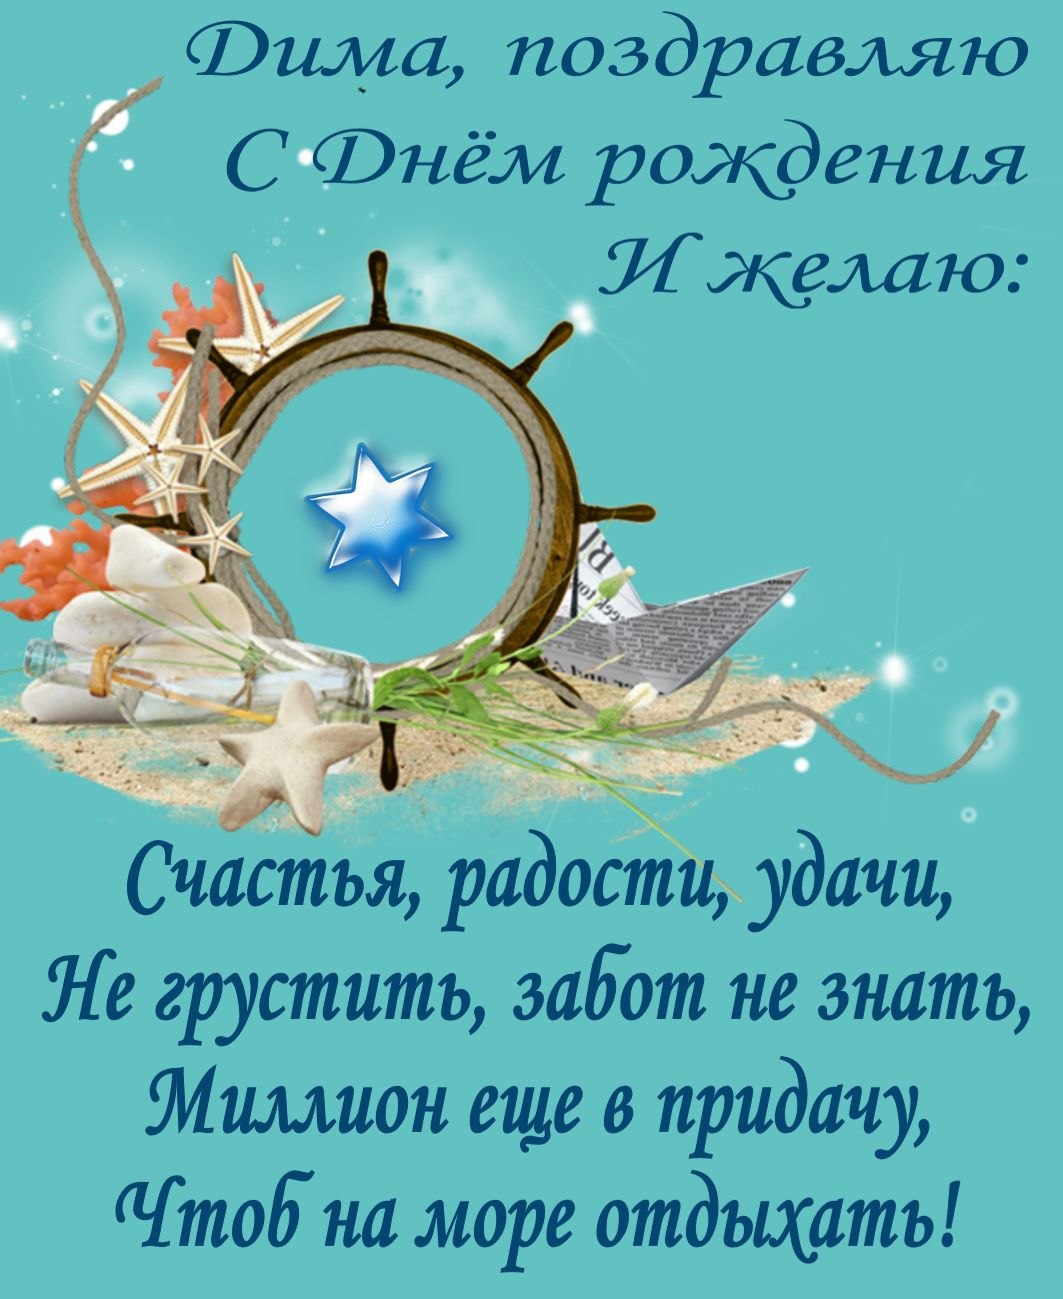 Поздравление дмитрию с днем рождения в стихах красивые